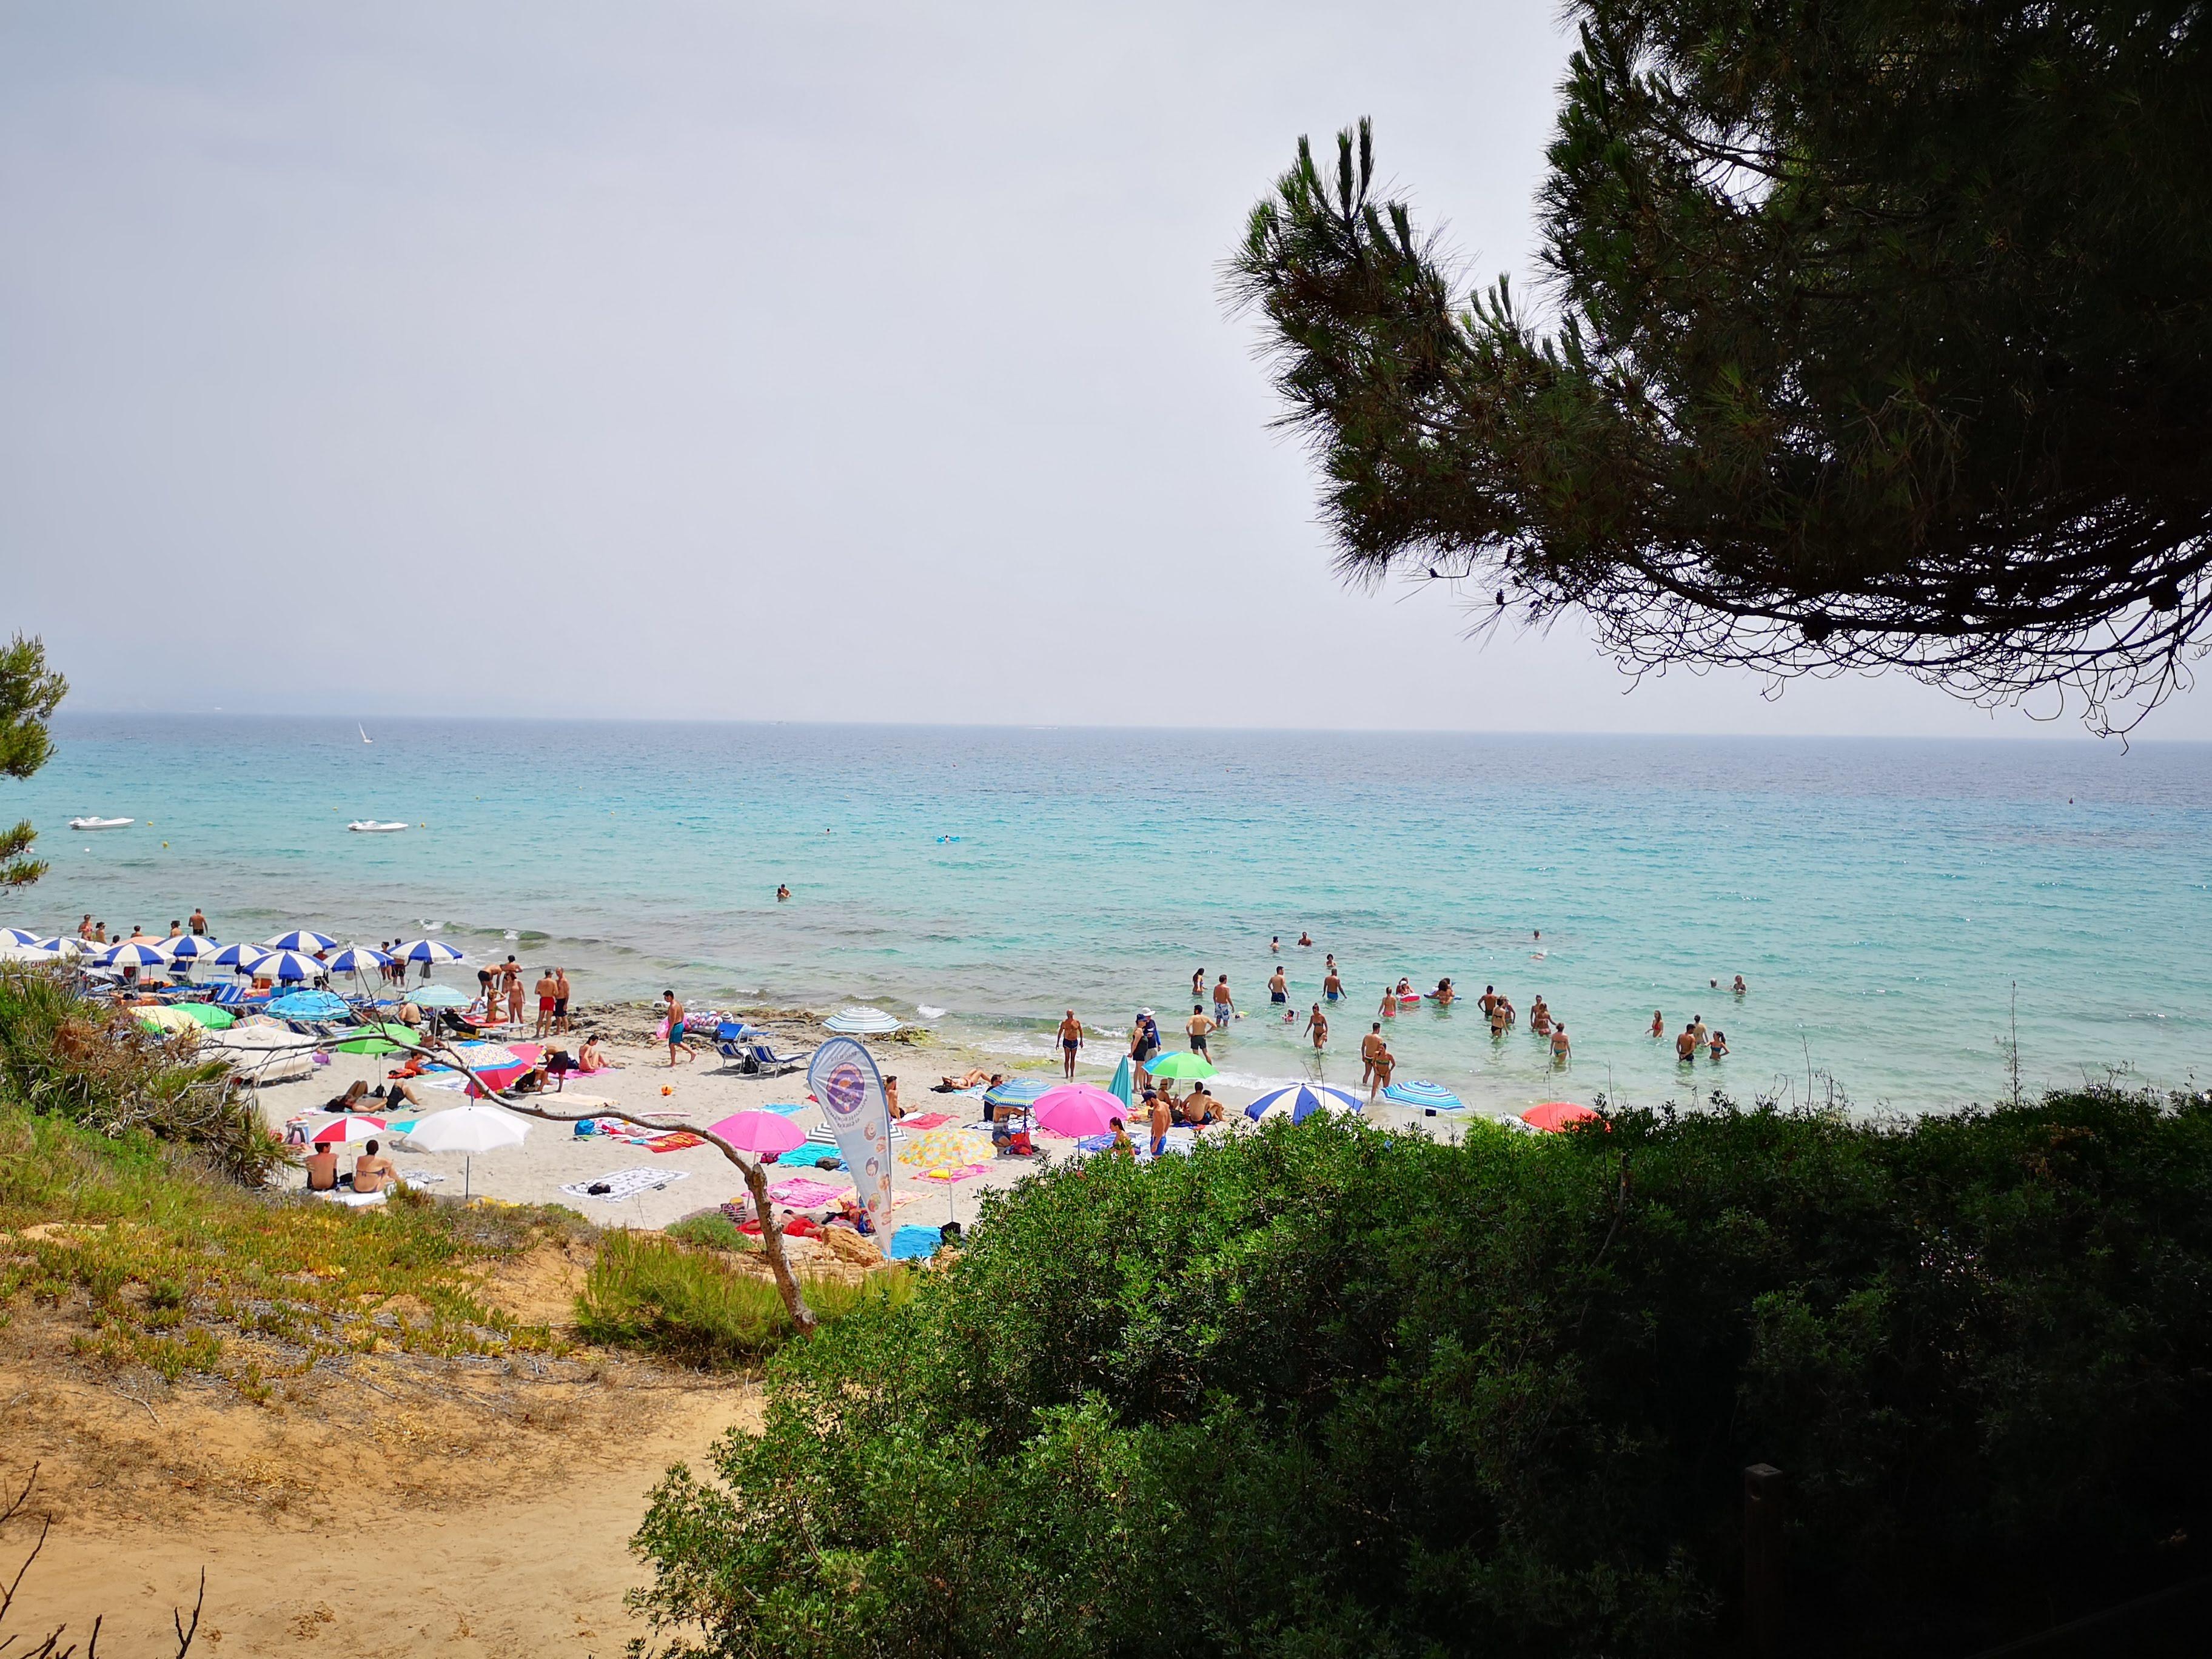 Spiaggia_le_bombarde_alghero